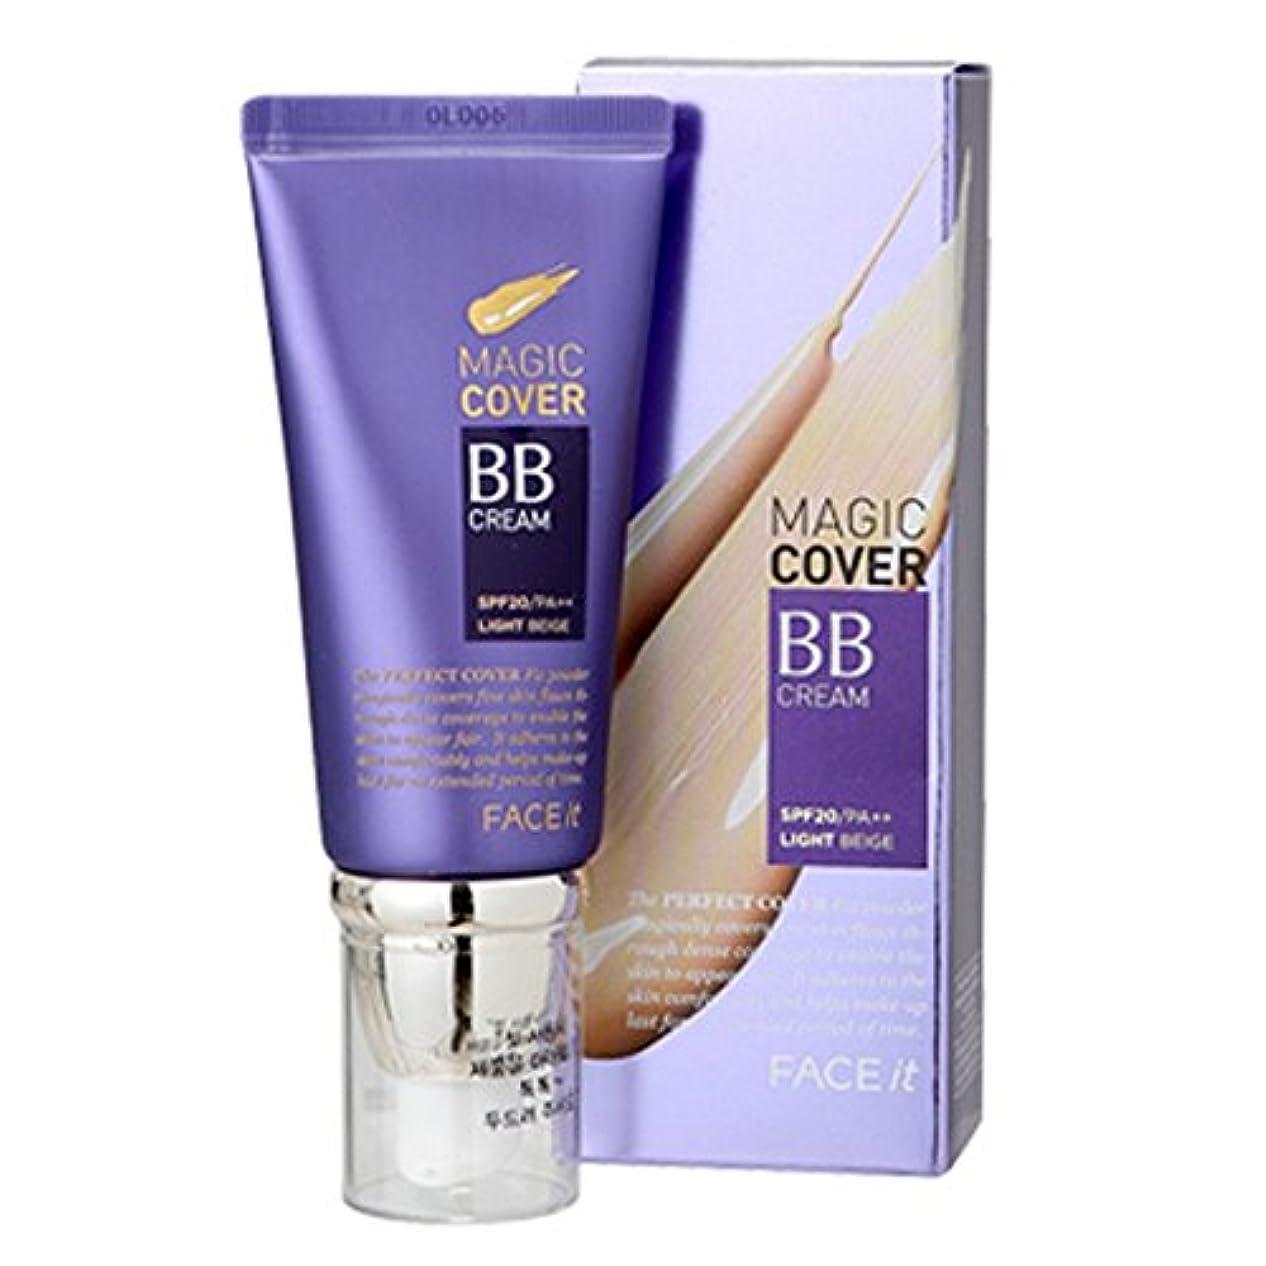 朝食を食べる下品スピリチュアルザフェイスショップ The Face Shop Face It Magic Cover BB Cream 45ml (02 Natural Beige)